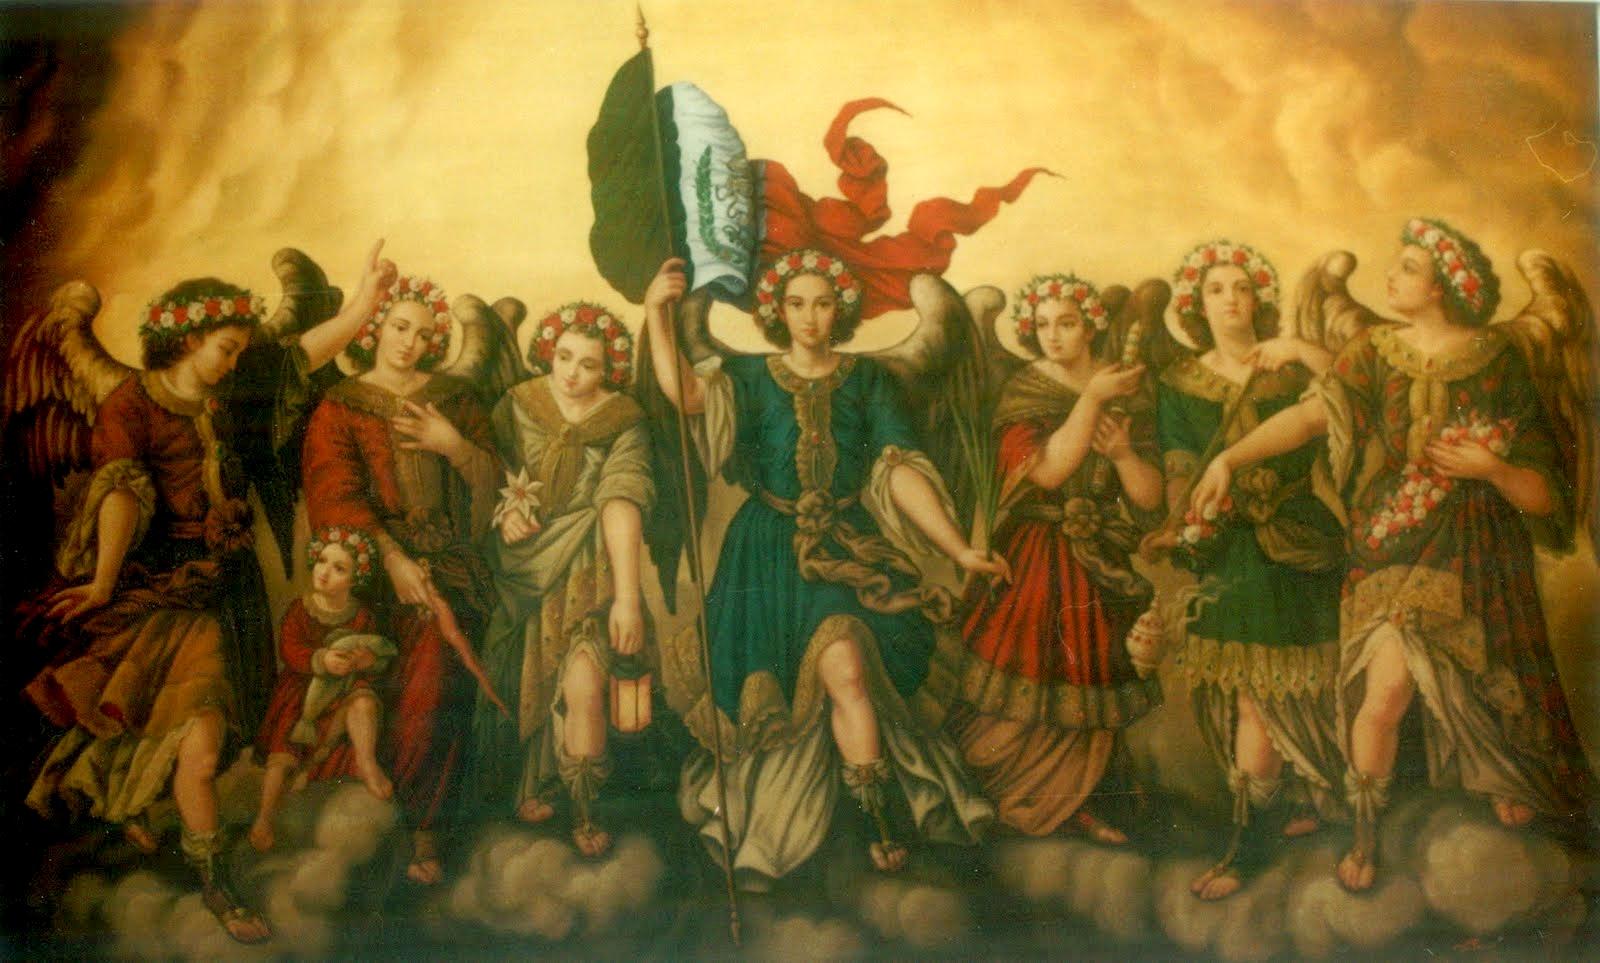 Por qué Dios No Eliminó el Pecado al Comienzo de los tiempos